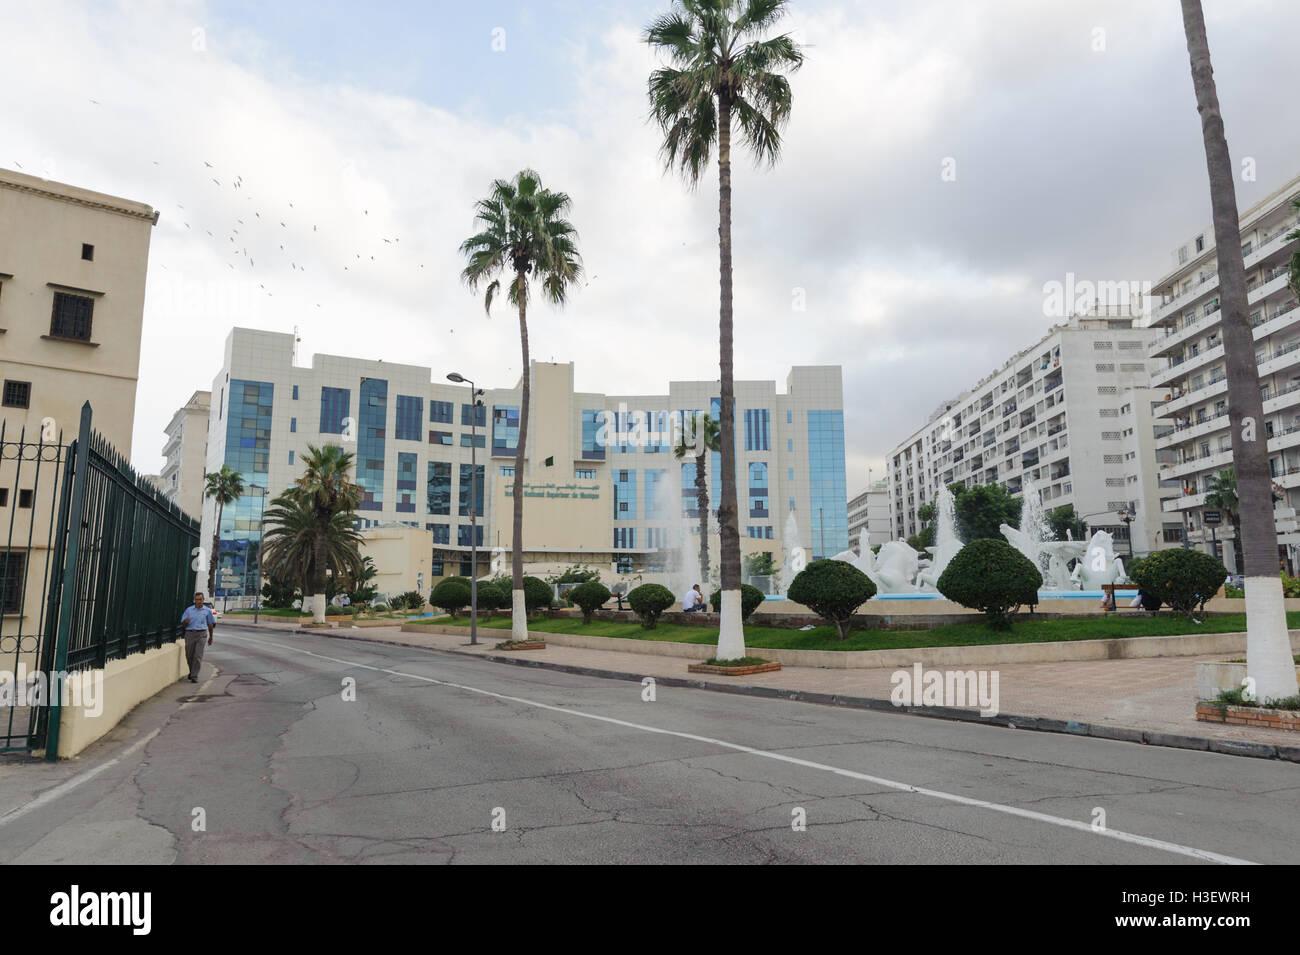 Nationales Institut für Musik von Algier. Institut befindet sich in der Nähe von Altstadt Kasbah. Stockbild